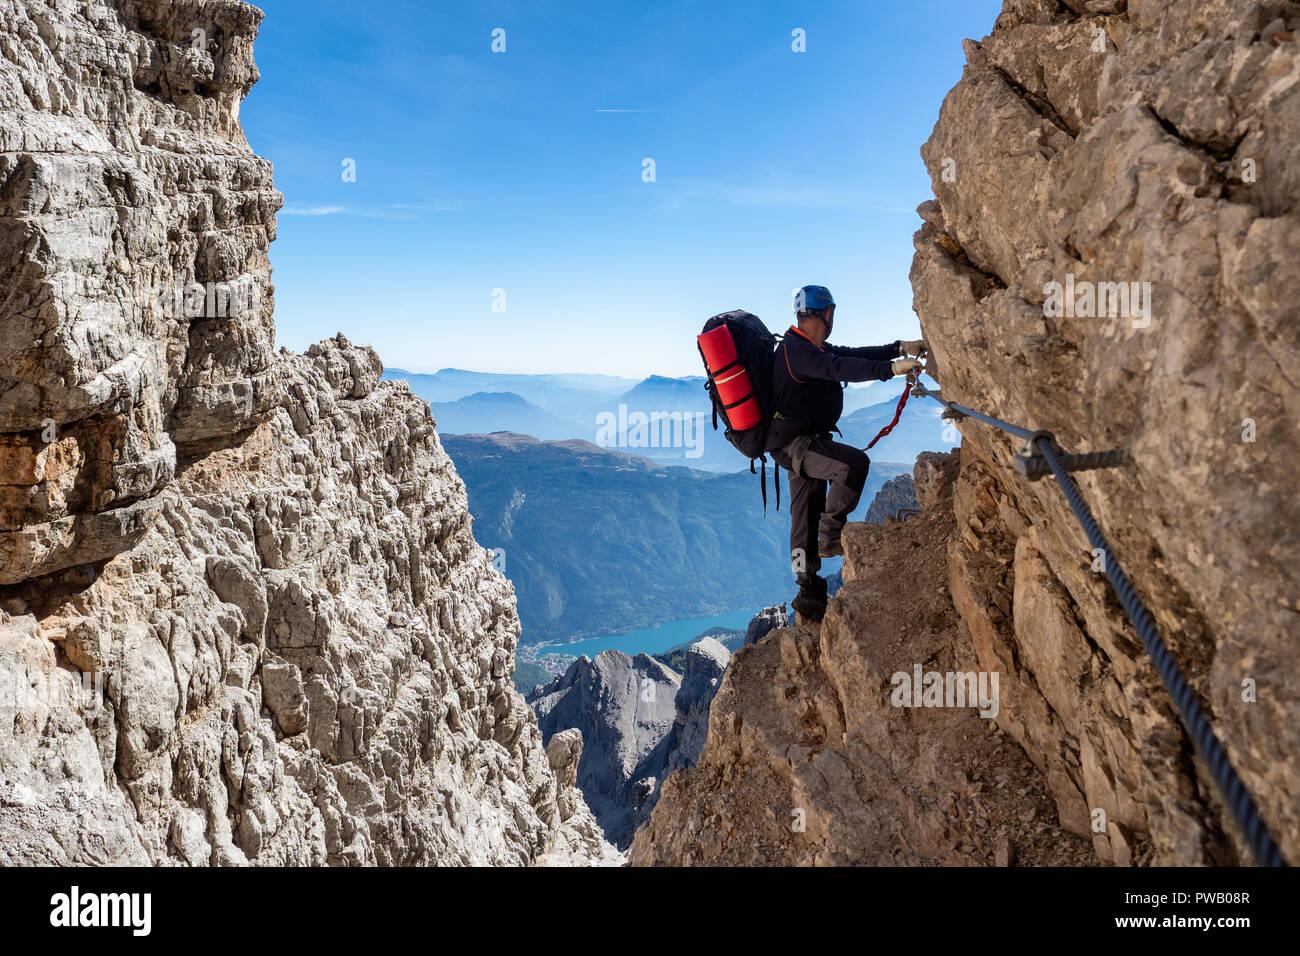 Klettersteig Dolomiten : Männliche bergsteiger am klettersteig in der atemberaubenden